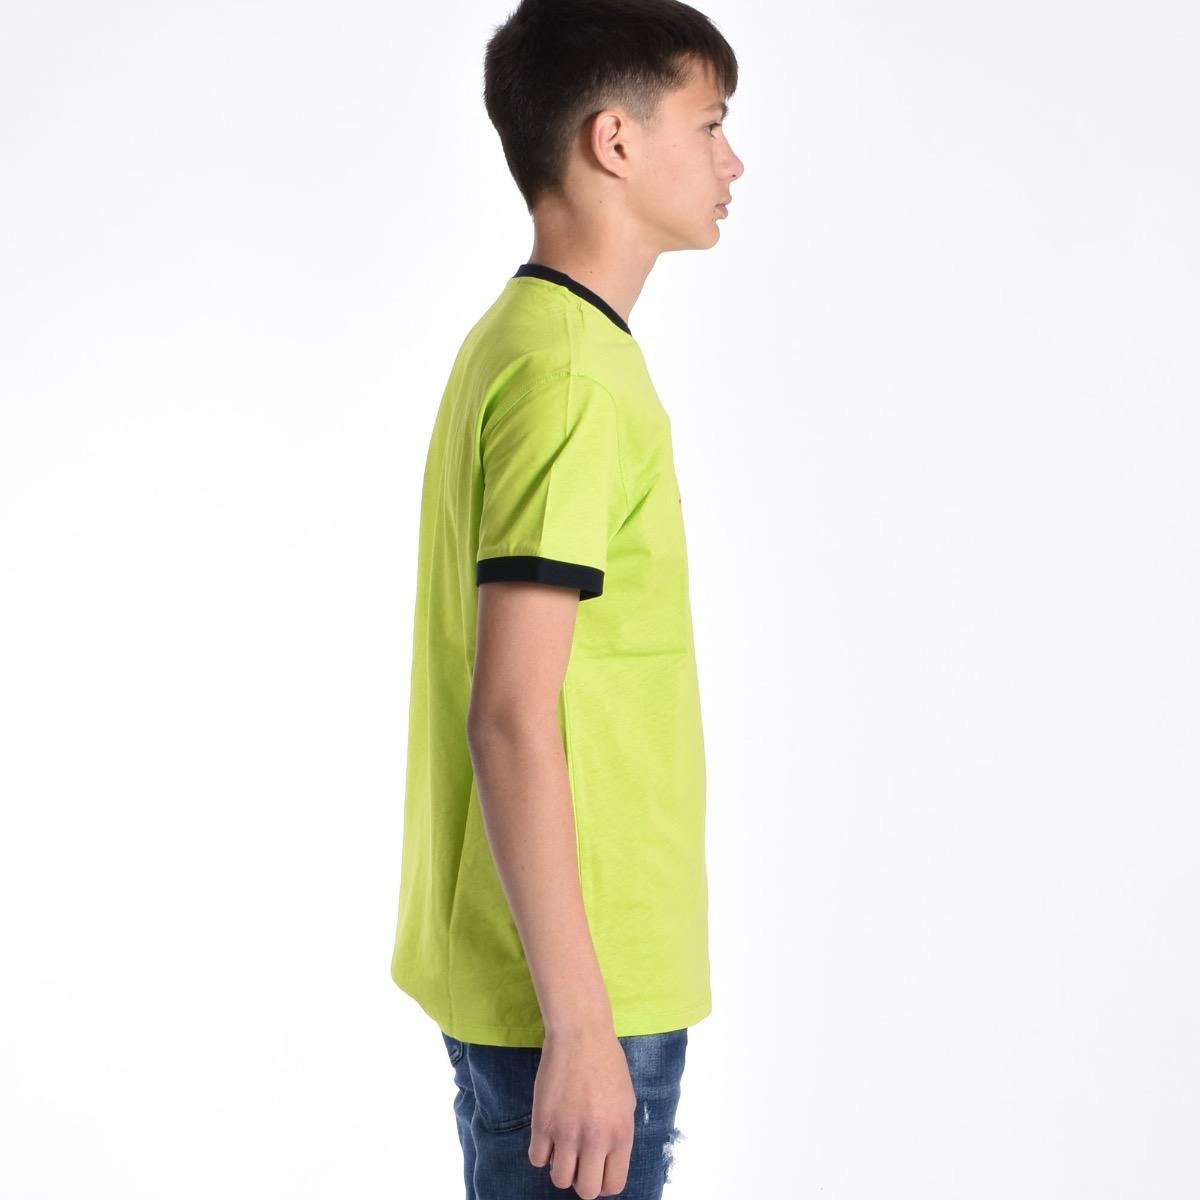 T-shirt con logo lucido - Fluo